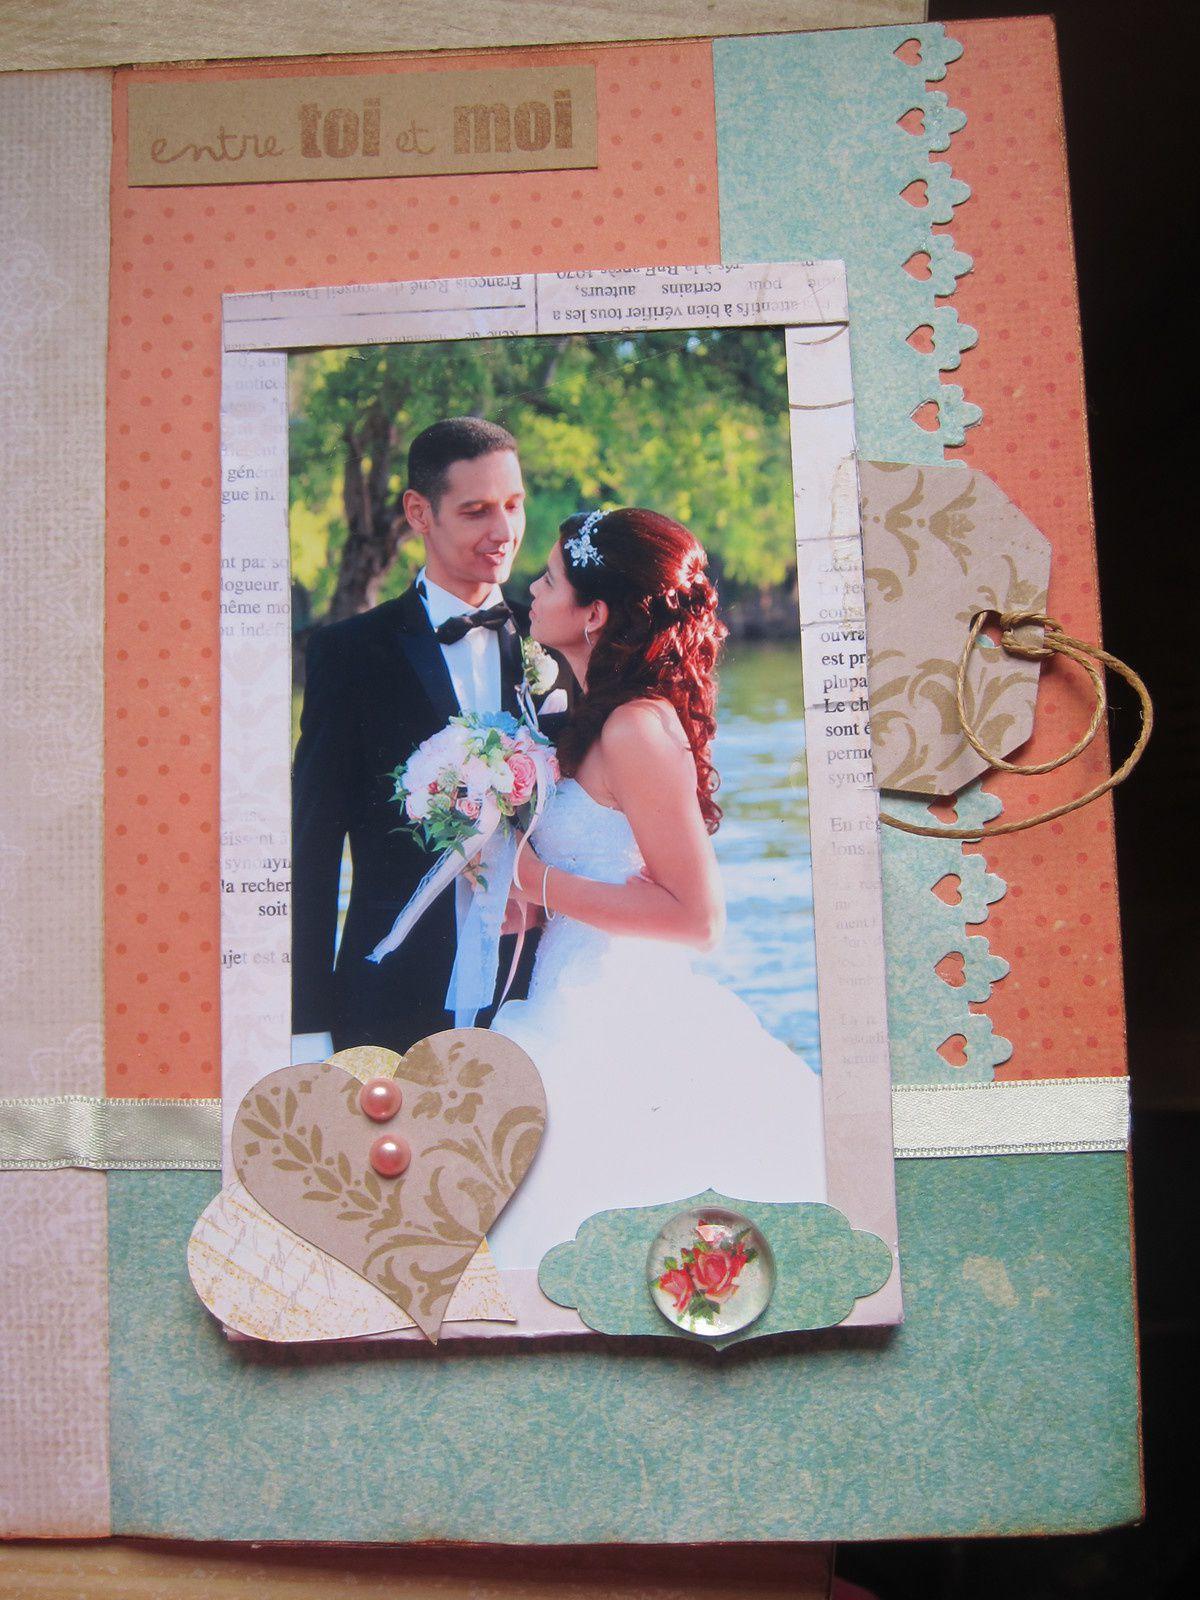 Un tryptique sur le mariage de Nadine et Richard